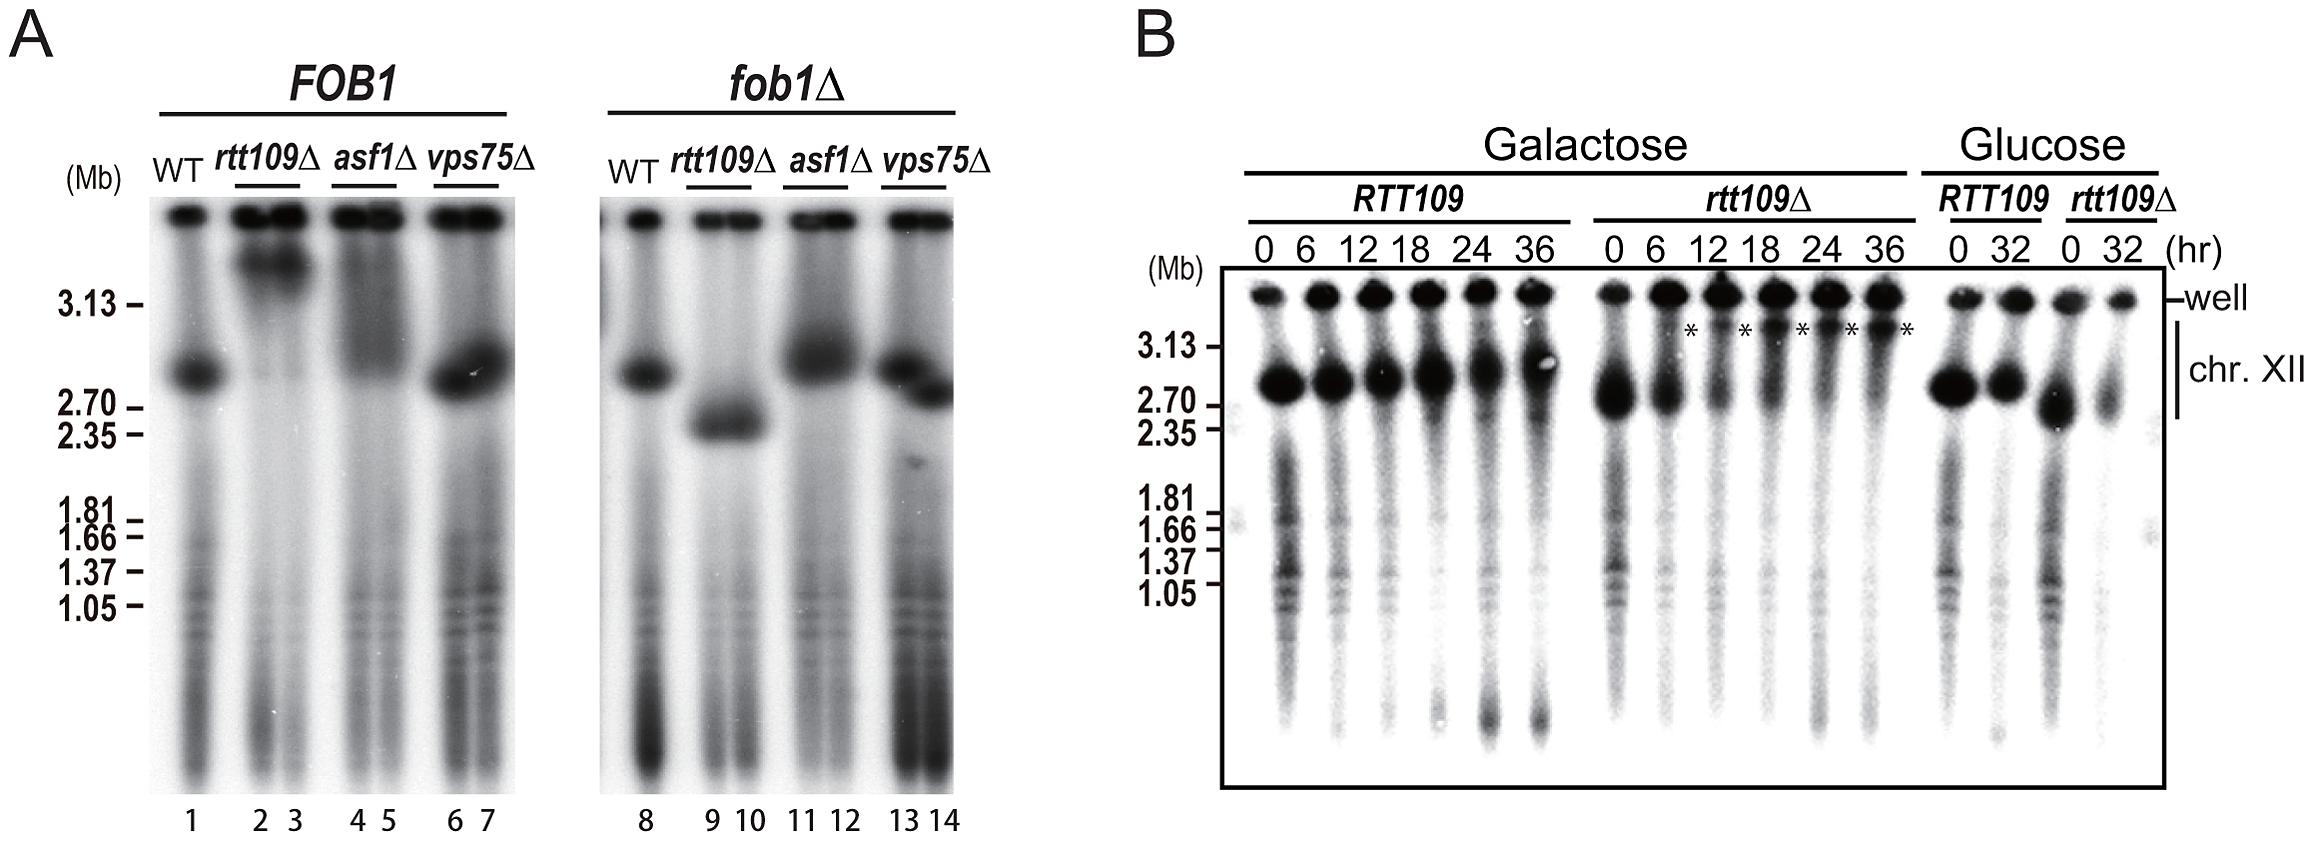 Fob1 promotes hyper-amplification in <i>rtt109</i> mutant.